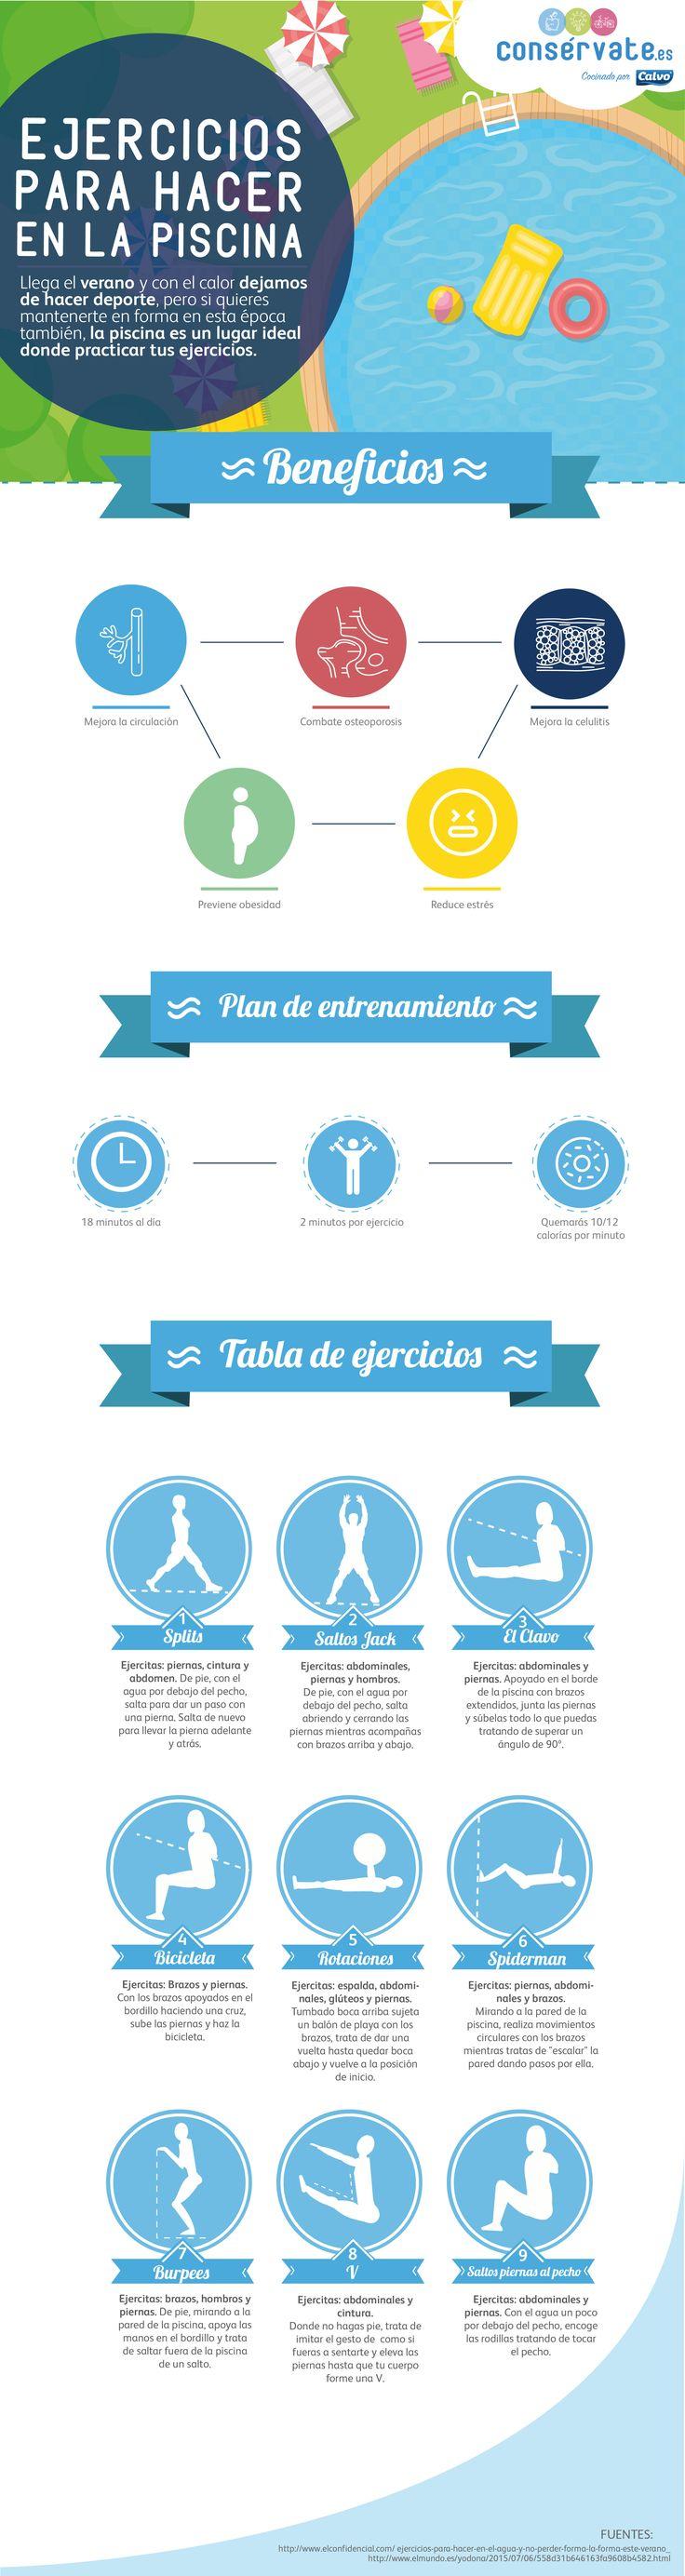 Infografía: Ejercicios para hacer en la piscina